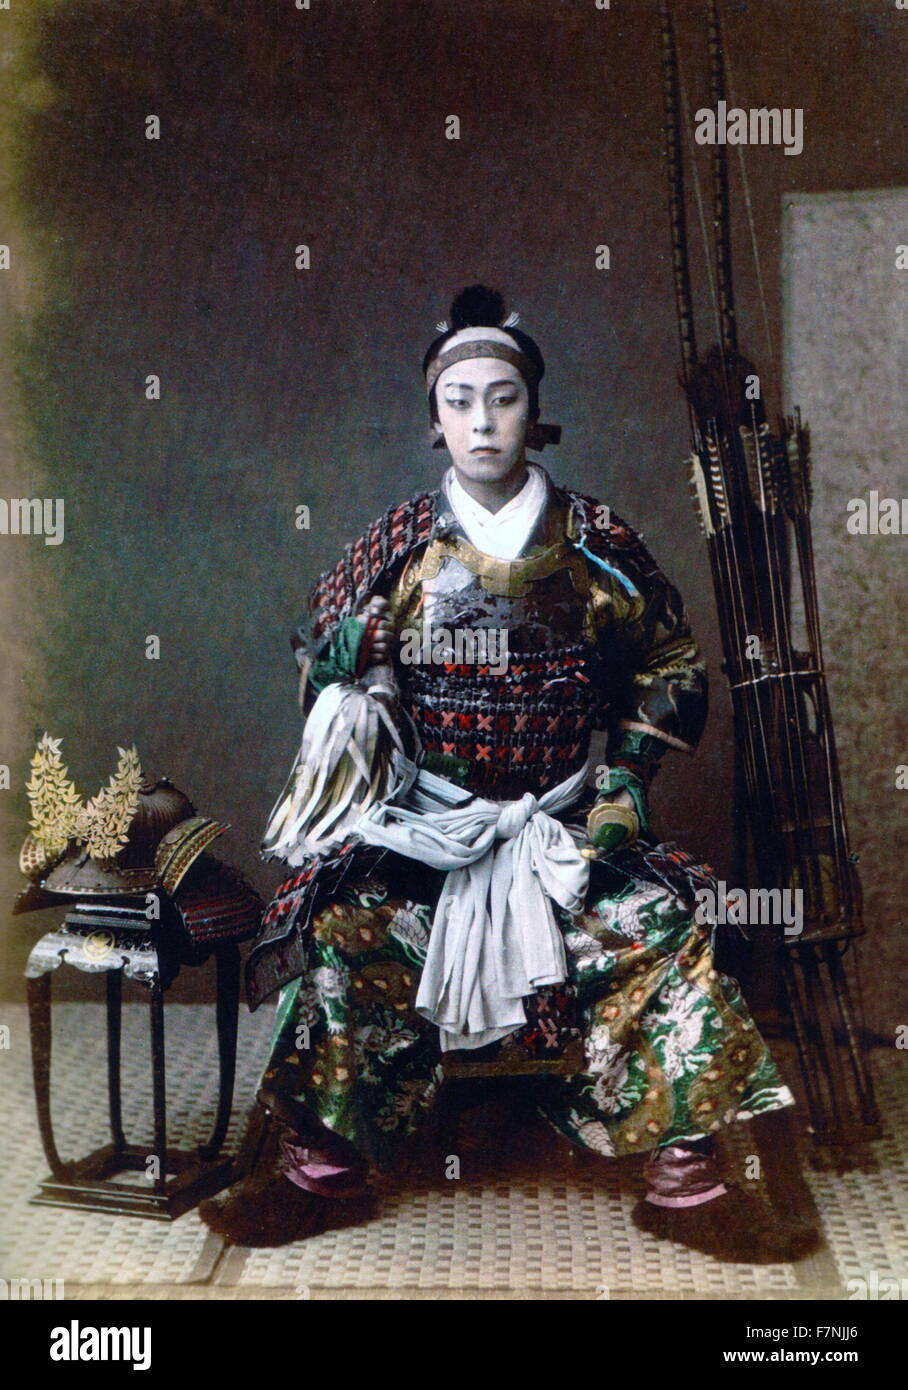 Samurai Kriegerin